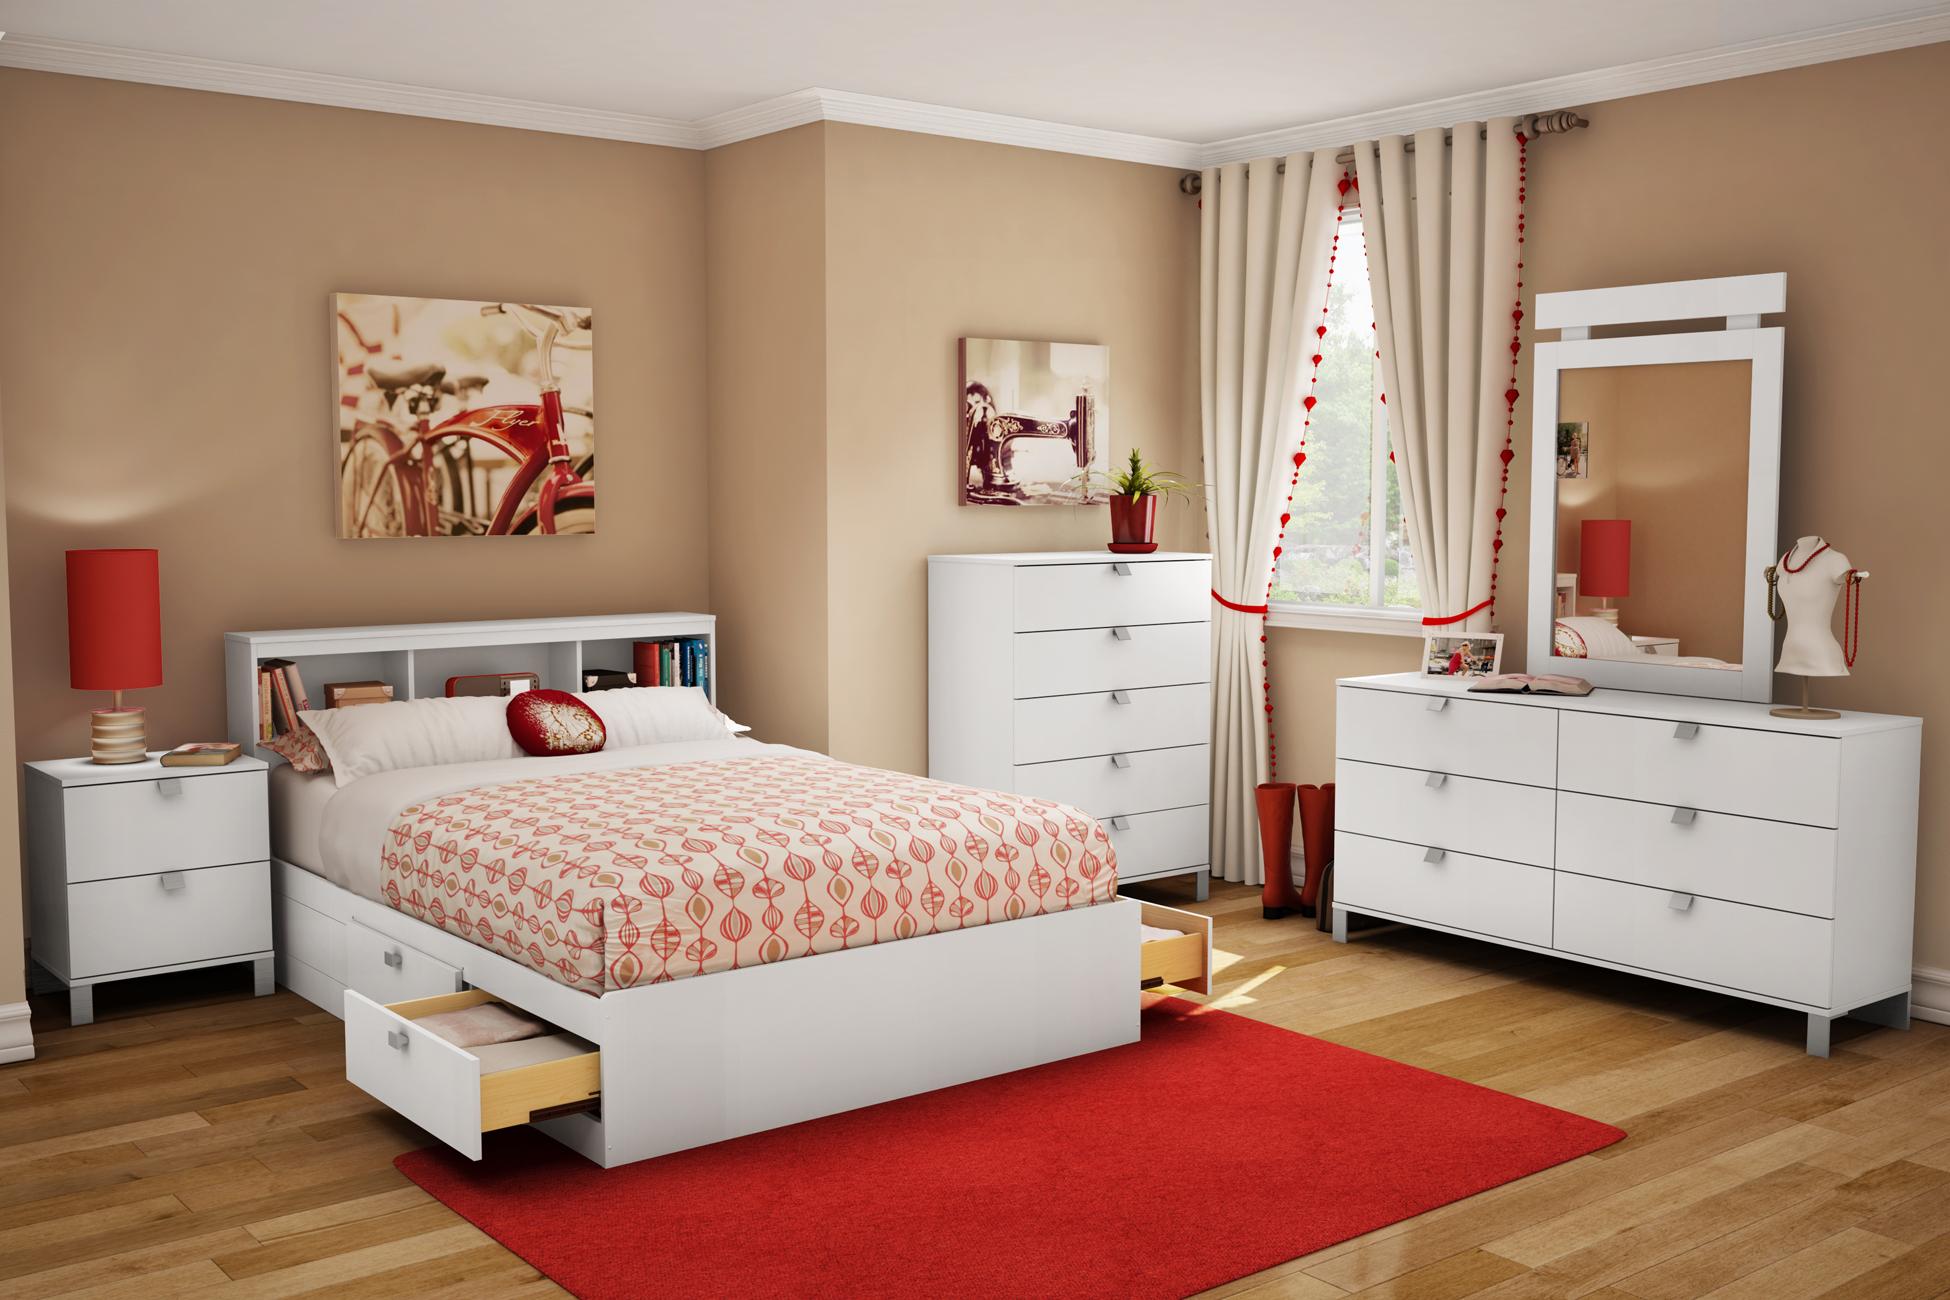 Дизайн интерьера спальни для девушки и девочки